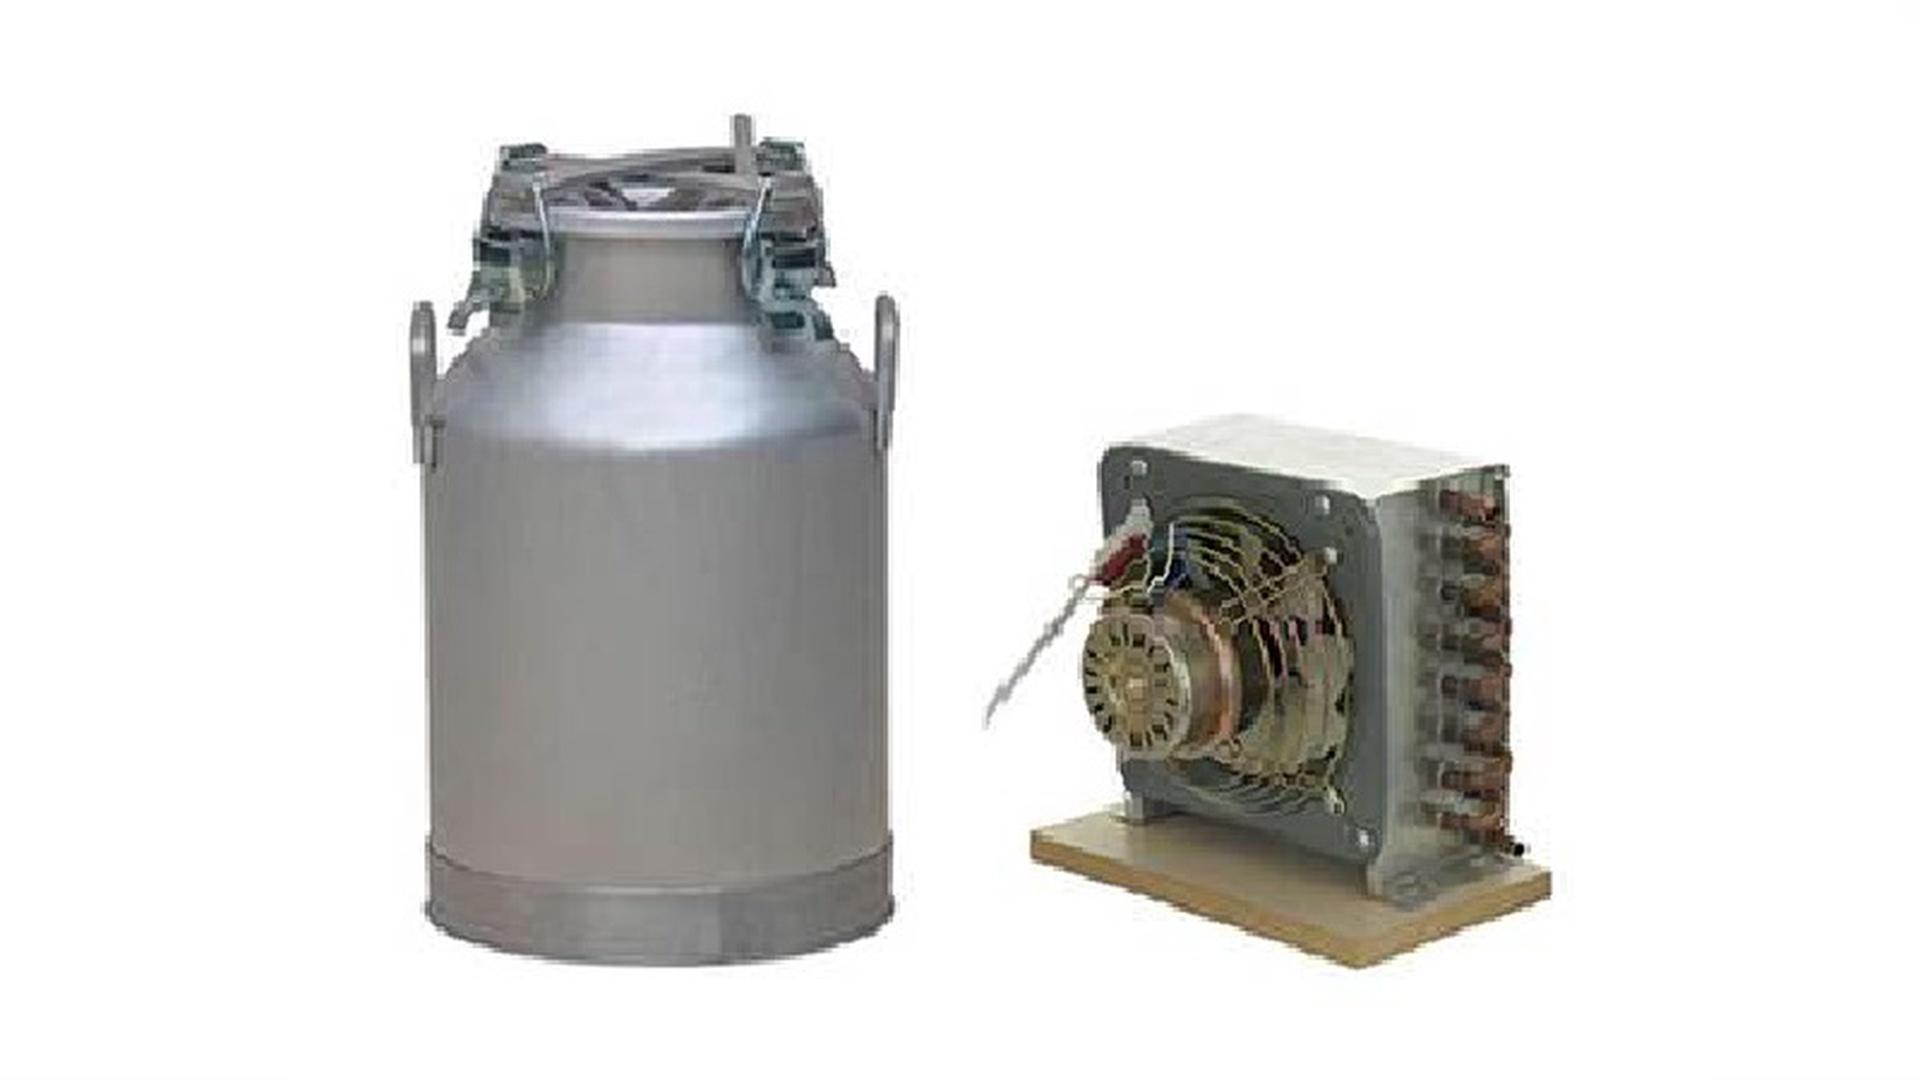 دستگاه تقطیر 100 لیتری 4 چفت با کندانسور برقی مدل 16177